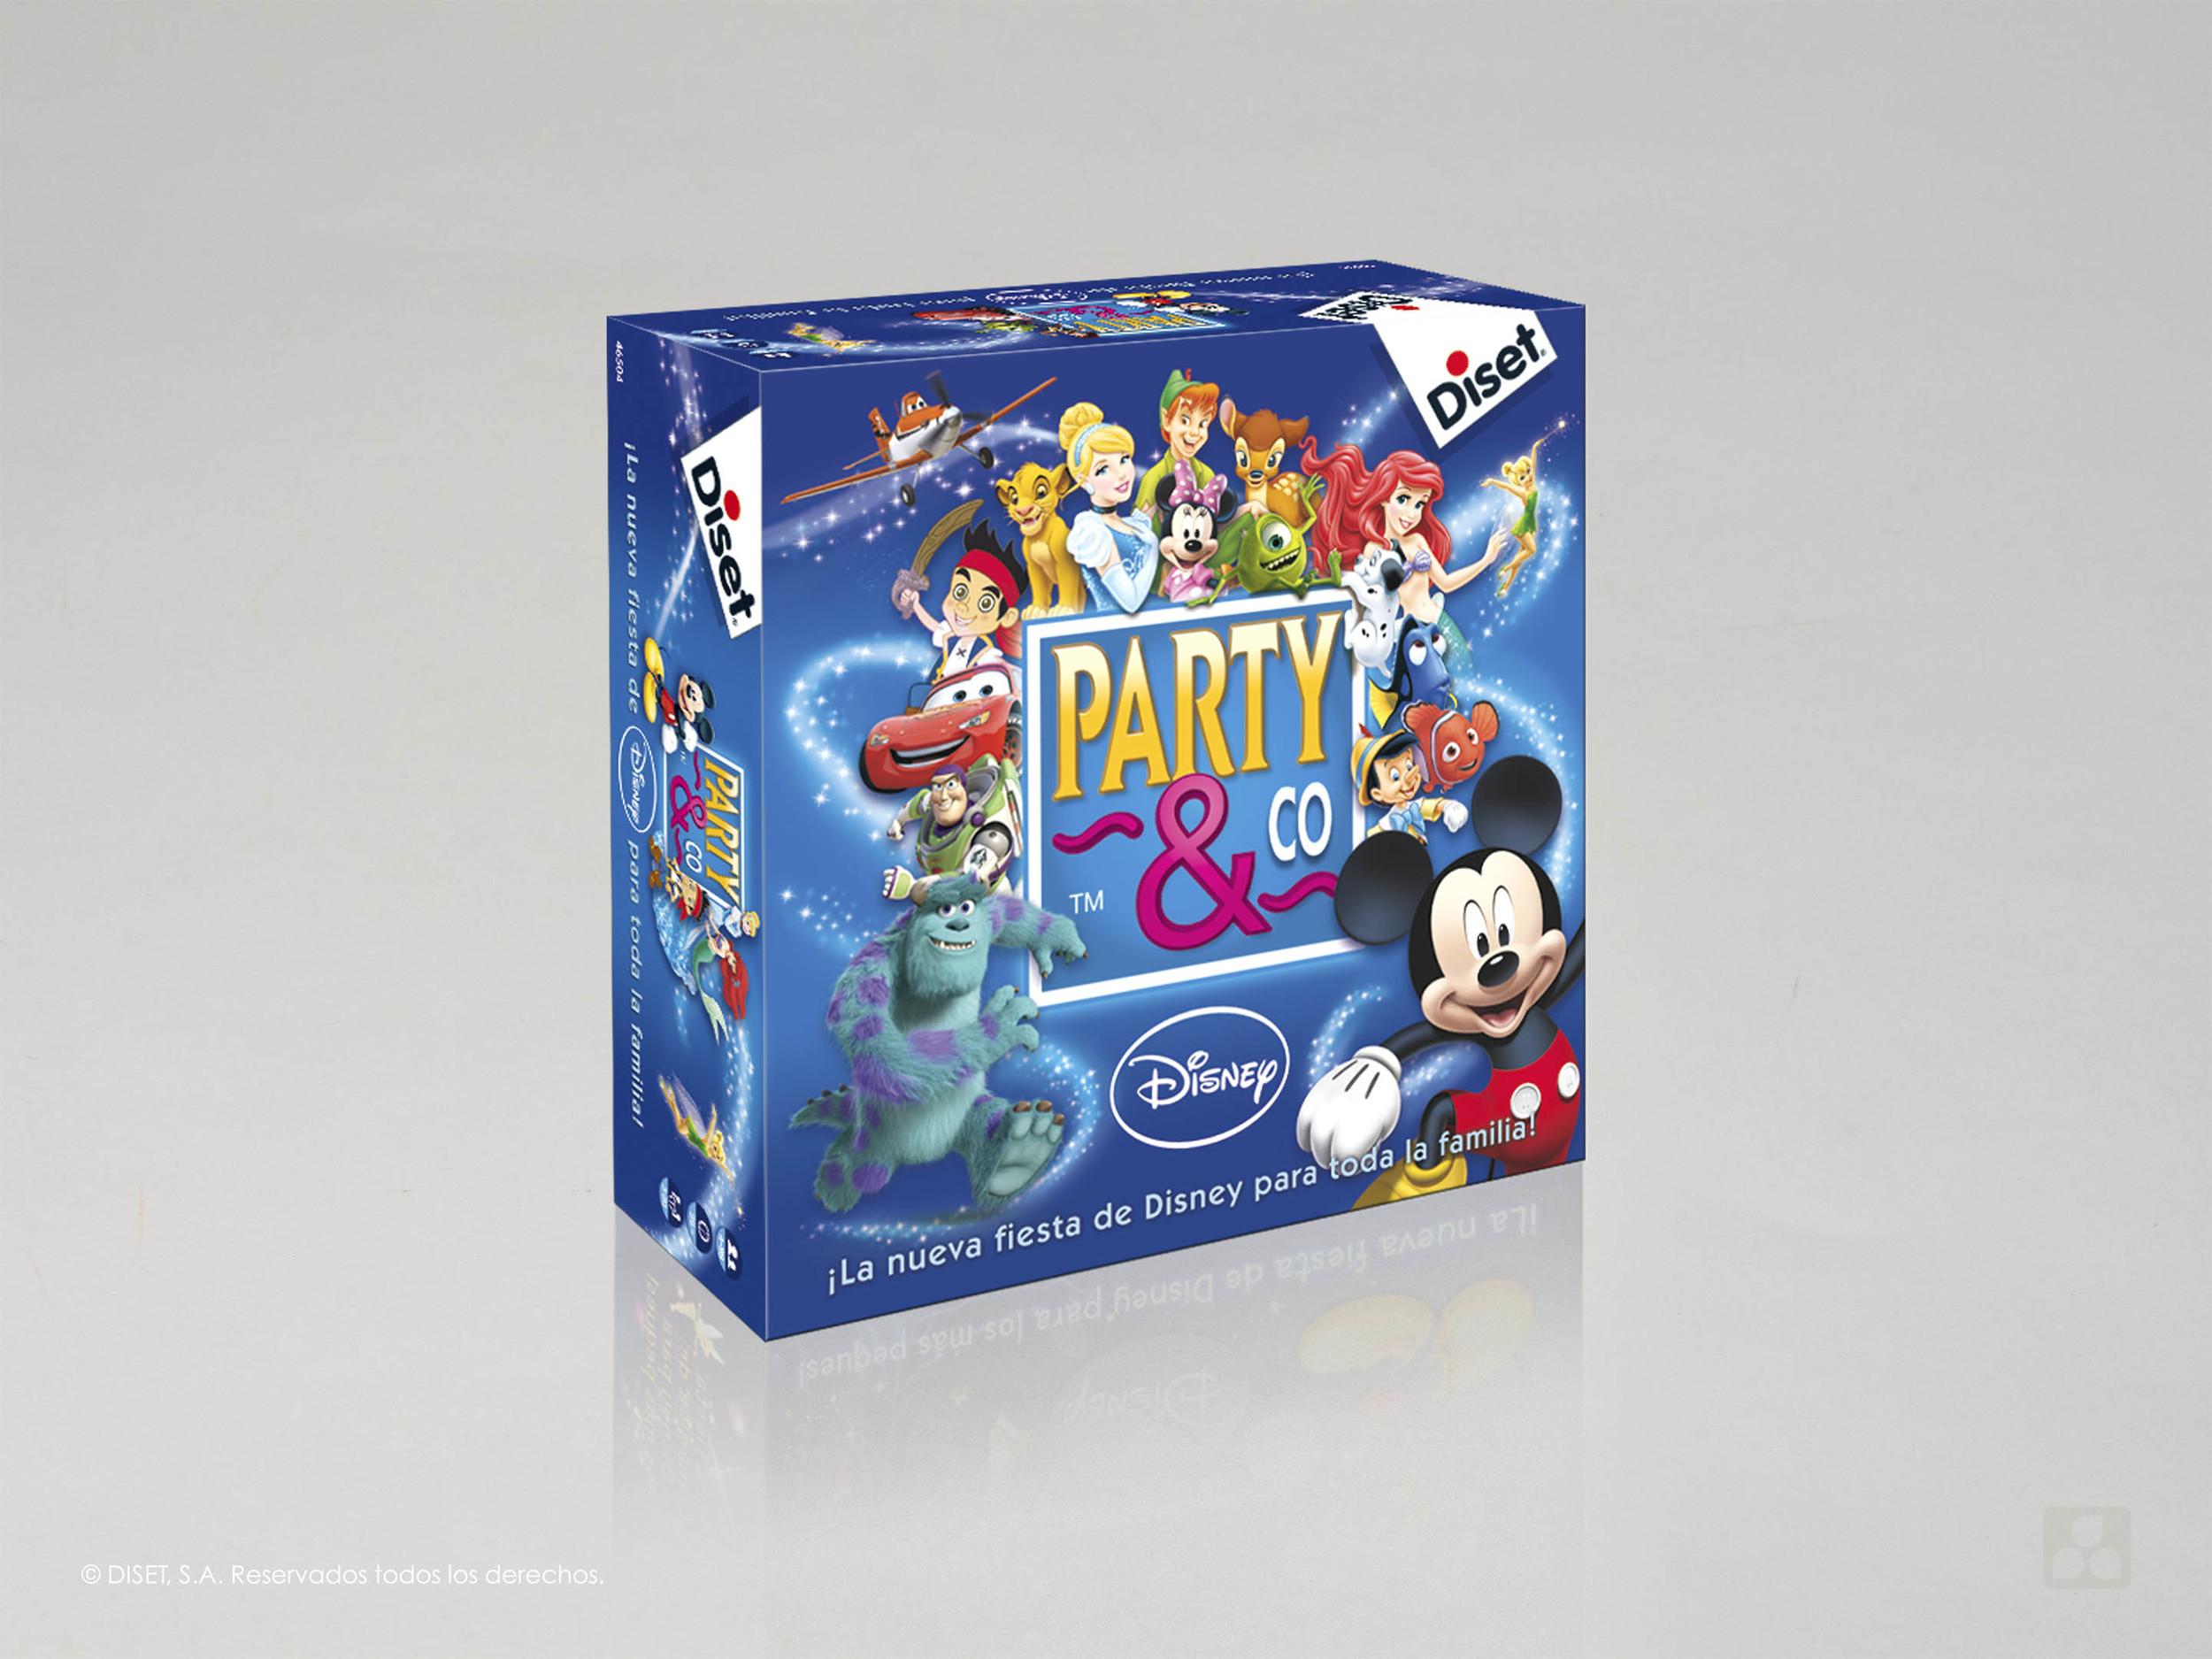 partydisney.jpg